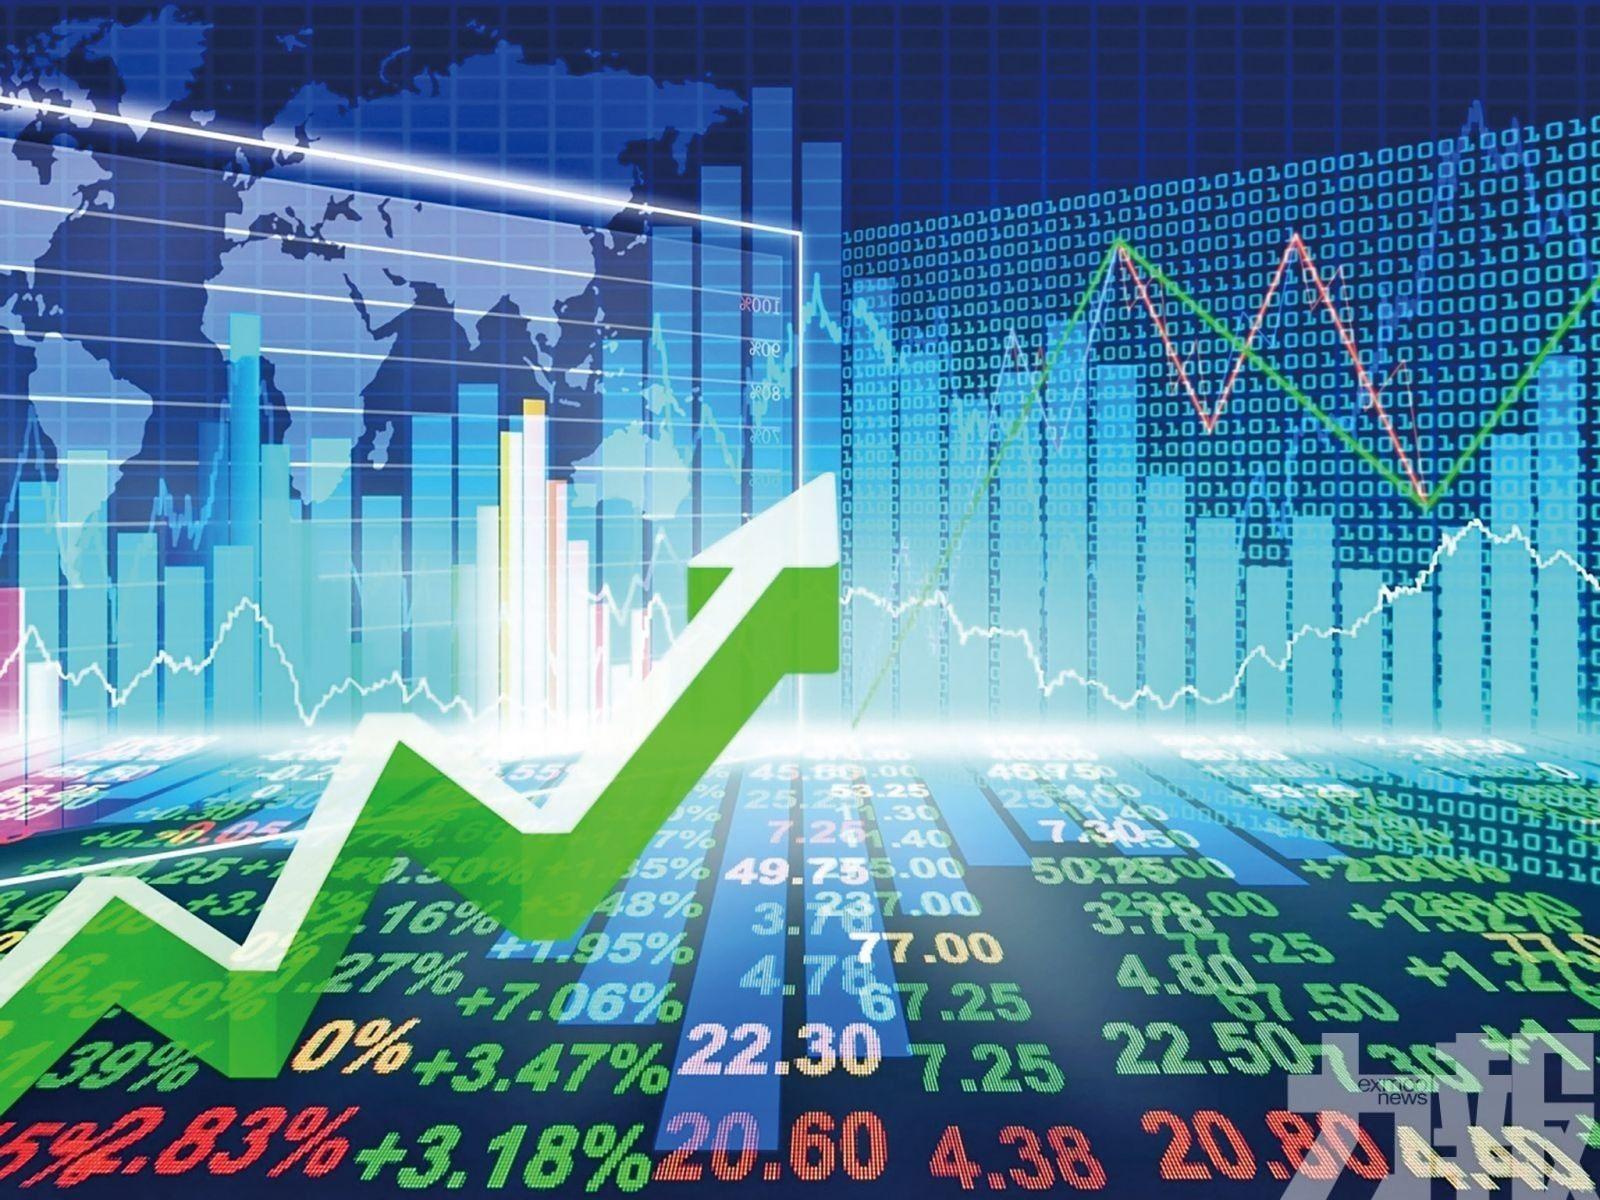 港股強勢反彈漲逾400點升近2%